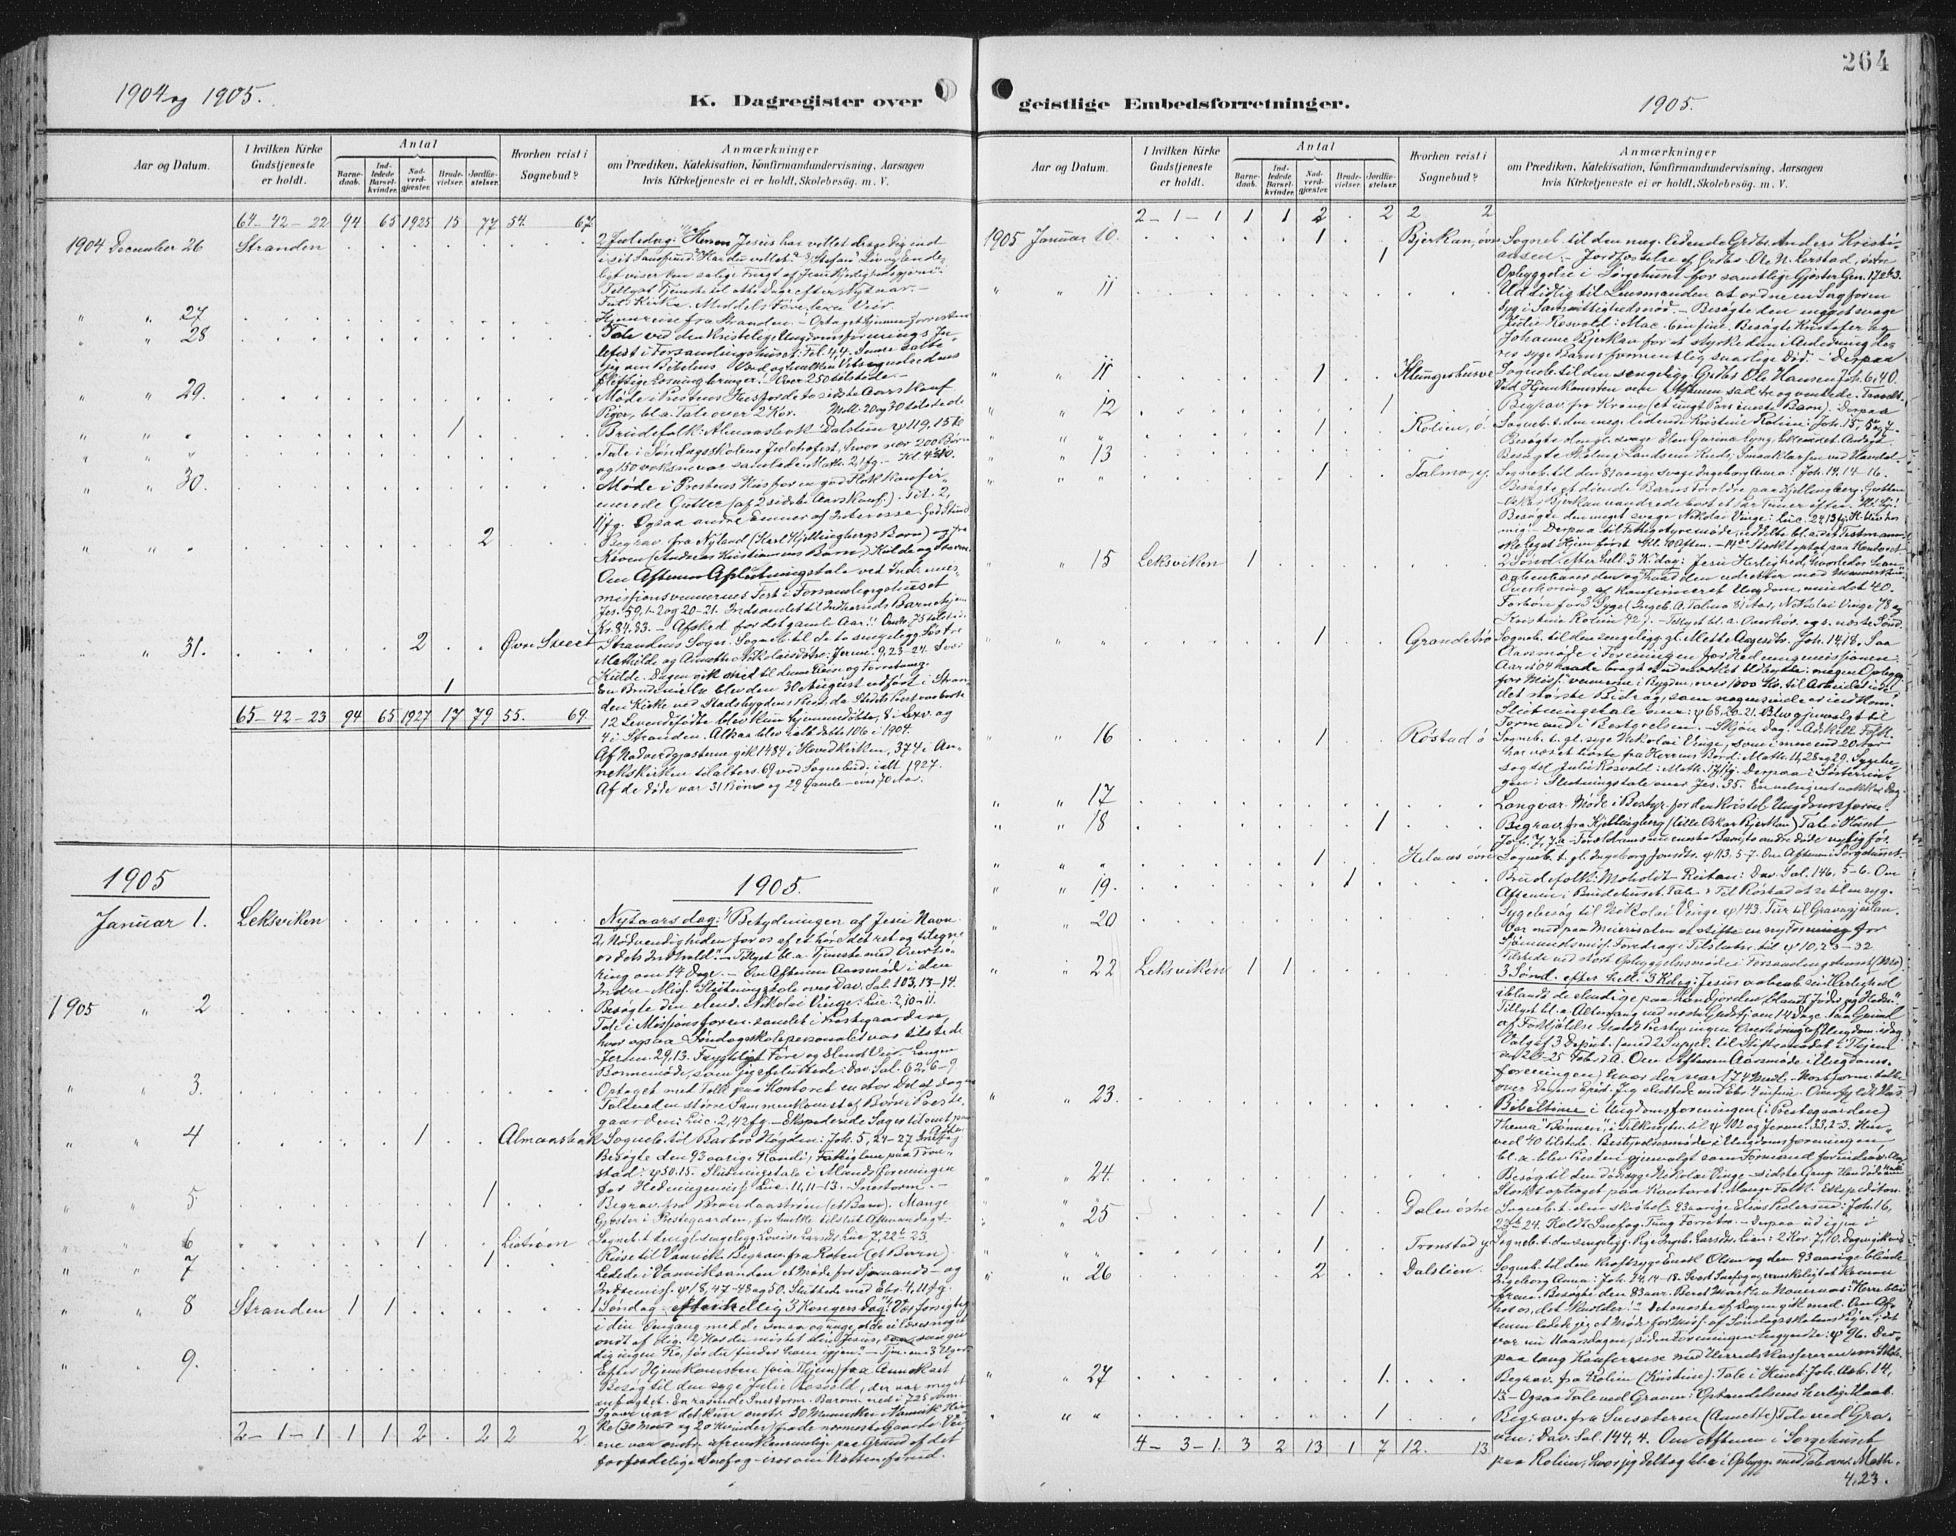 SAT, Ministerialprotokoller, klokkerbøker og fødselsregistre - Nord-Trøndelag, 701/L0011: Ministerialbok nr. 701A11, 1899-1915, s. 264